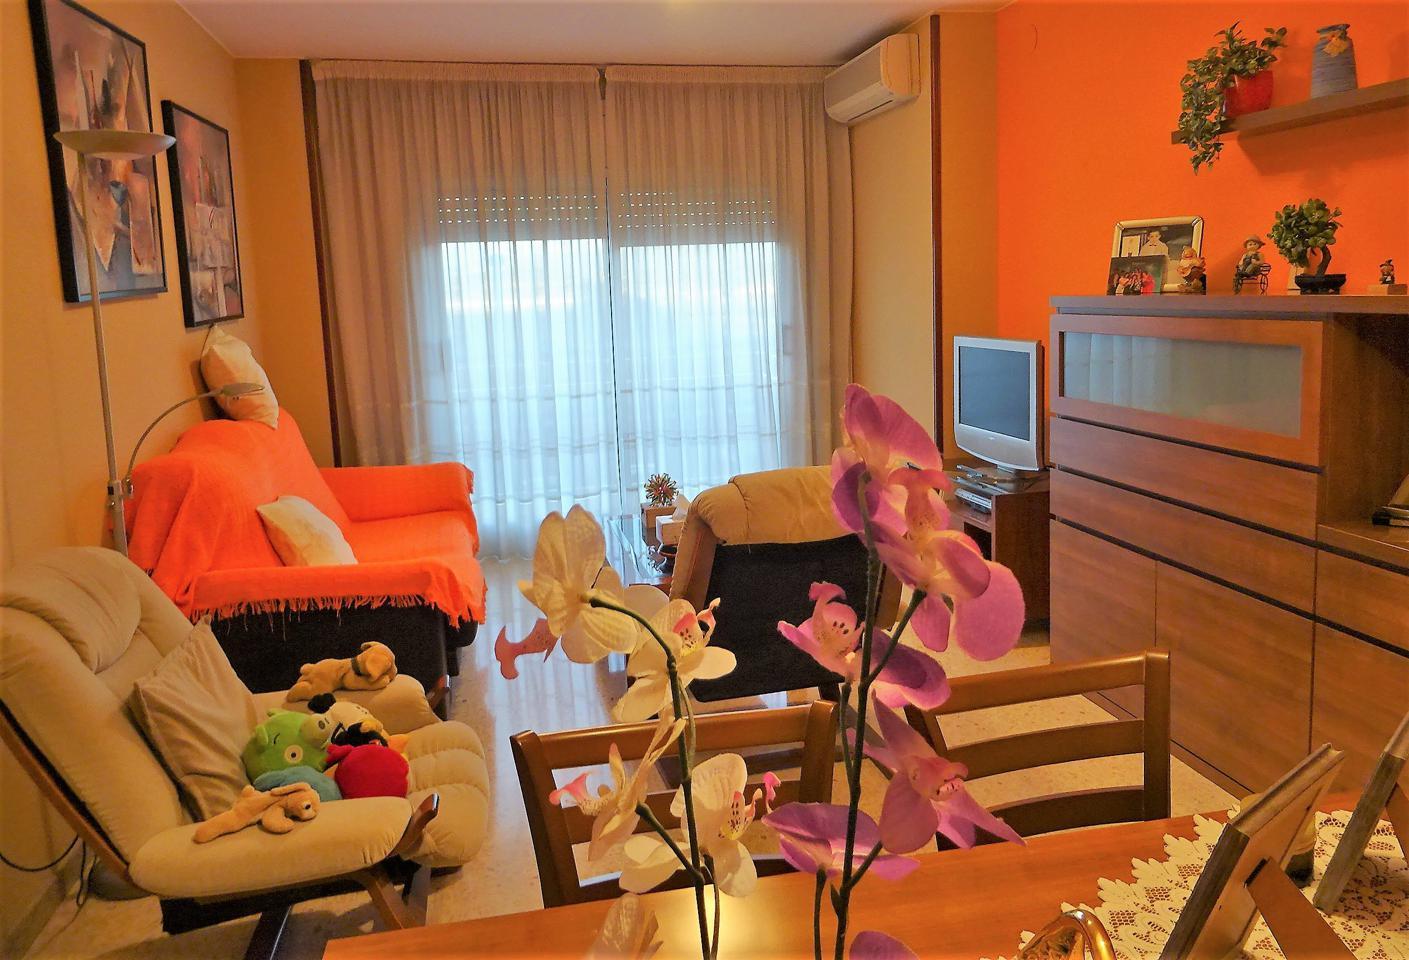 Piso en Montblanc. Piso de 115 m2 aprox., con 3 habitaciones, una doble y dos indiv